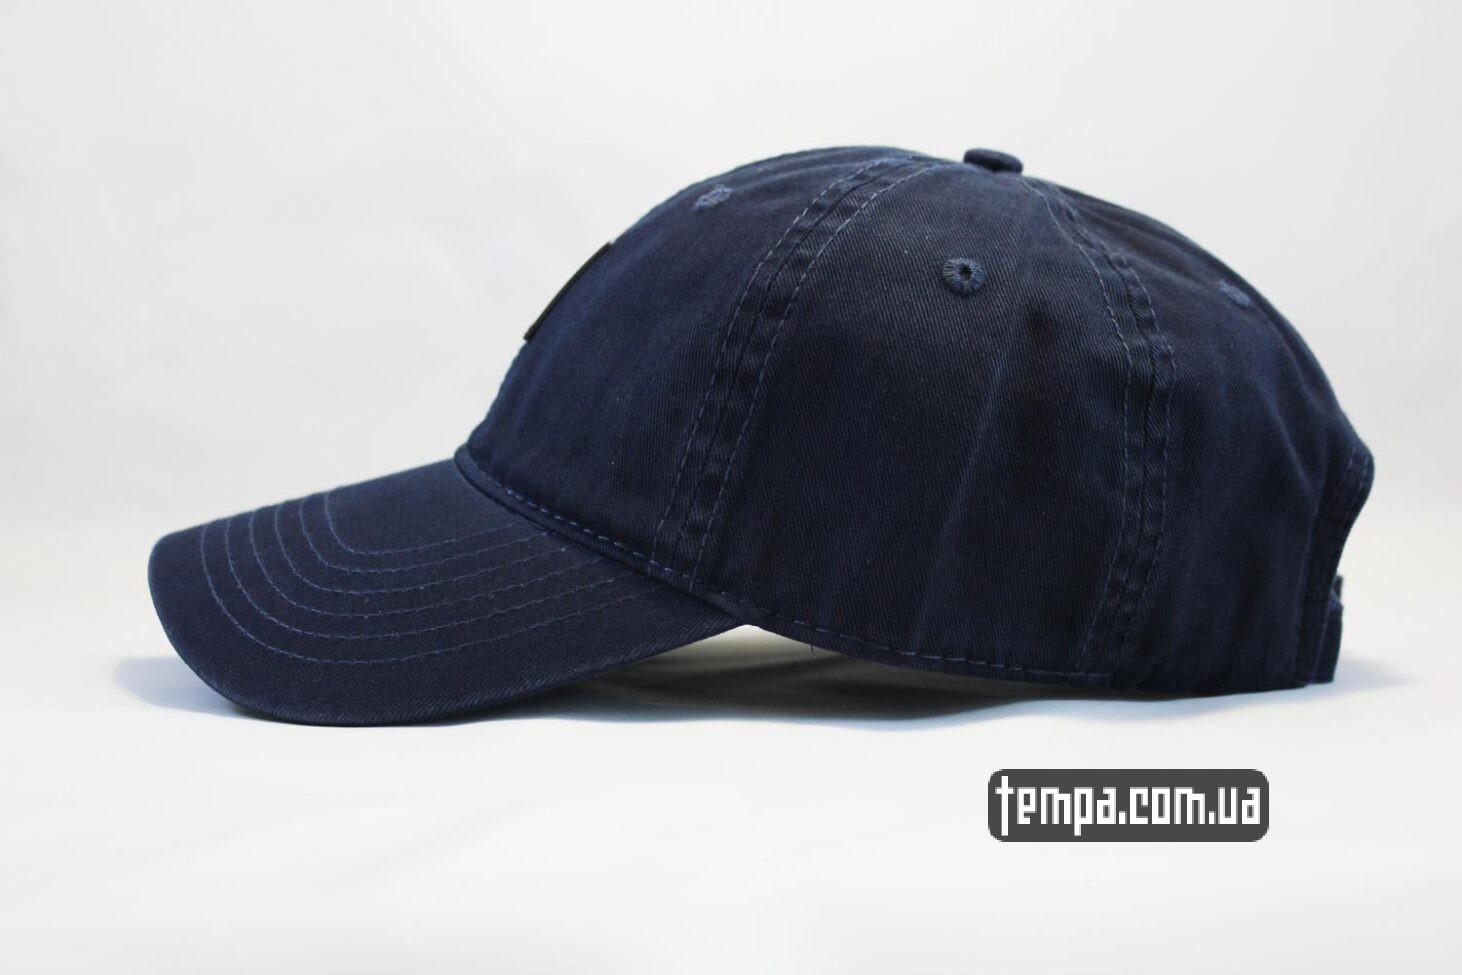 снепбеки купить Украина кепка бейсболка Carhartt синяя кожаный логотип